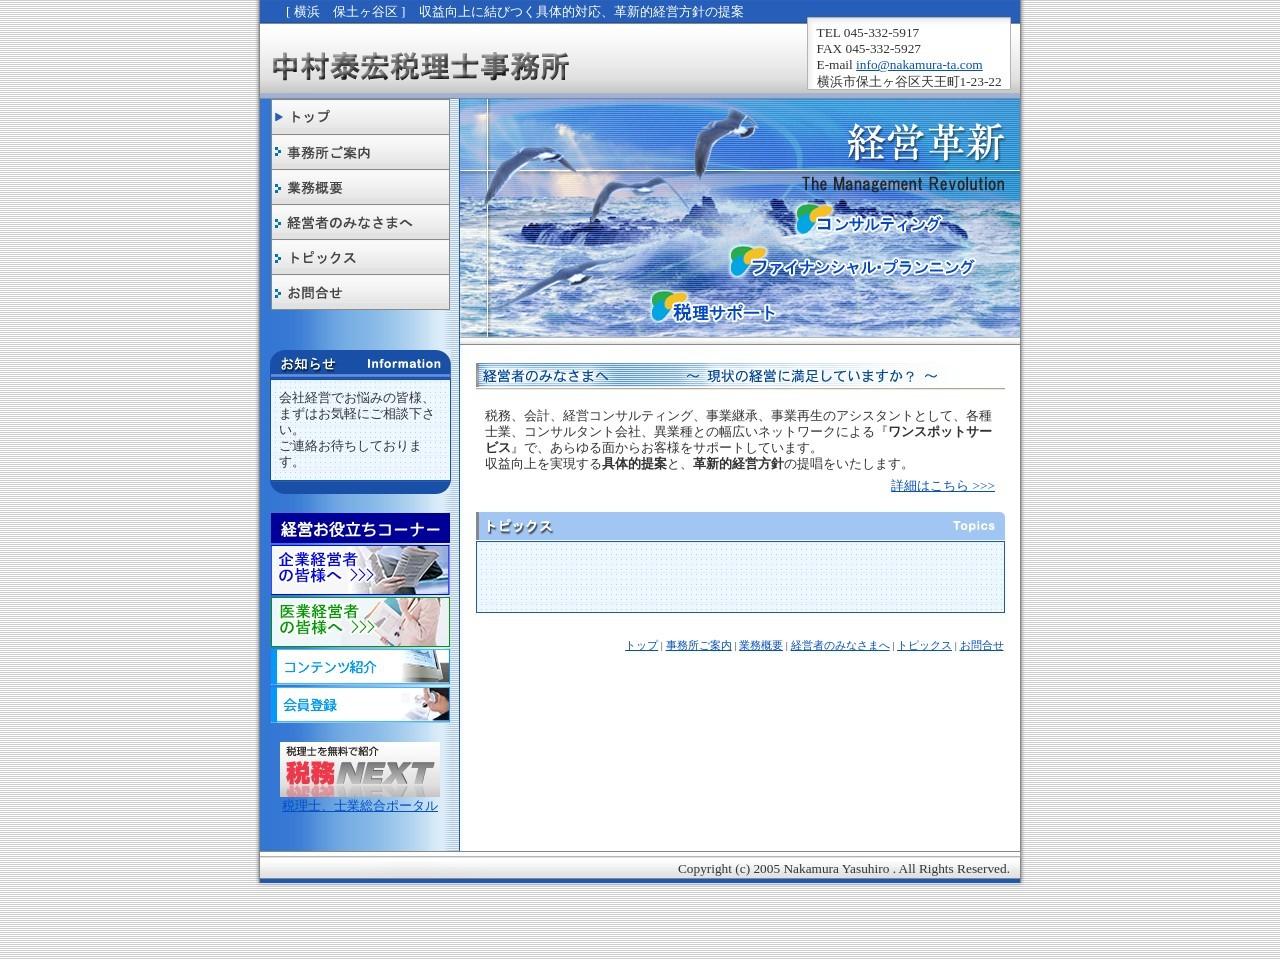 中村泰宏税理士事務所